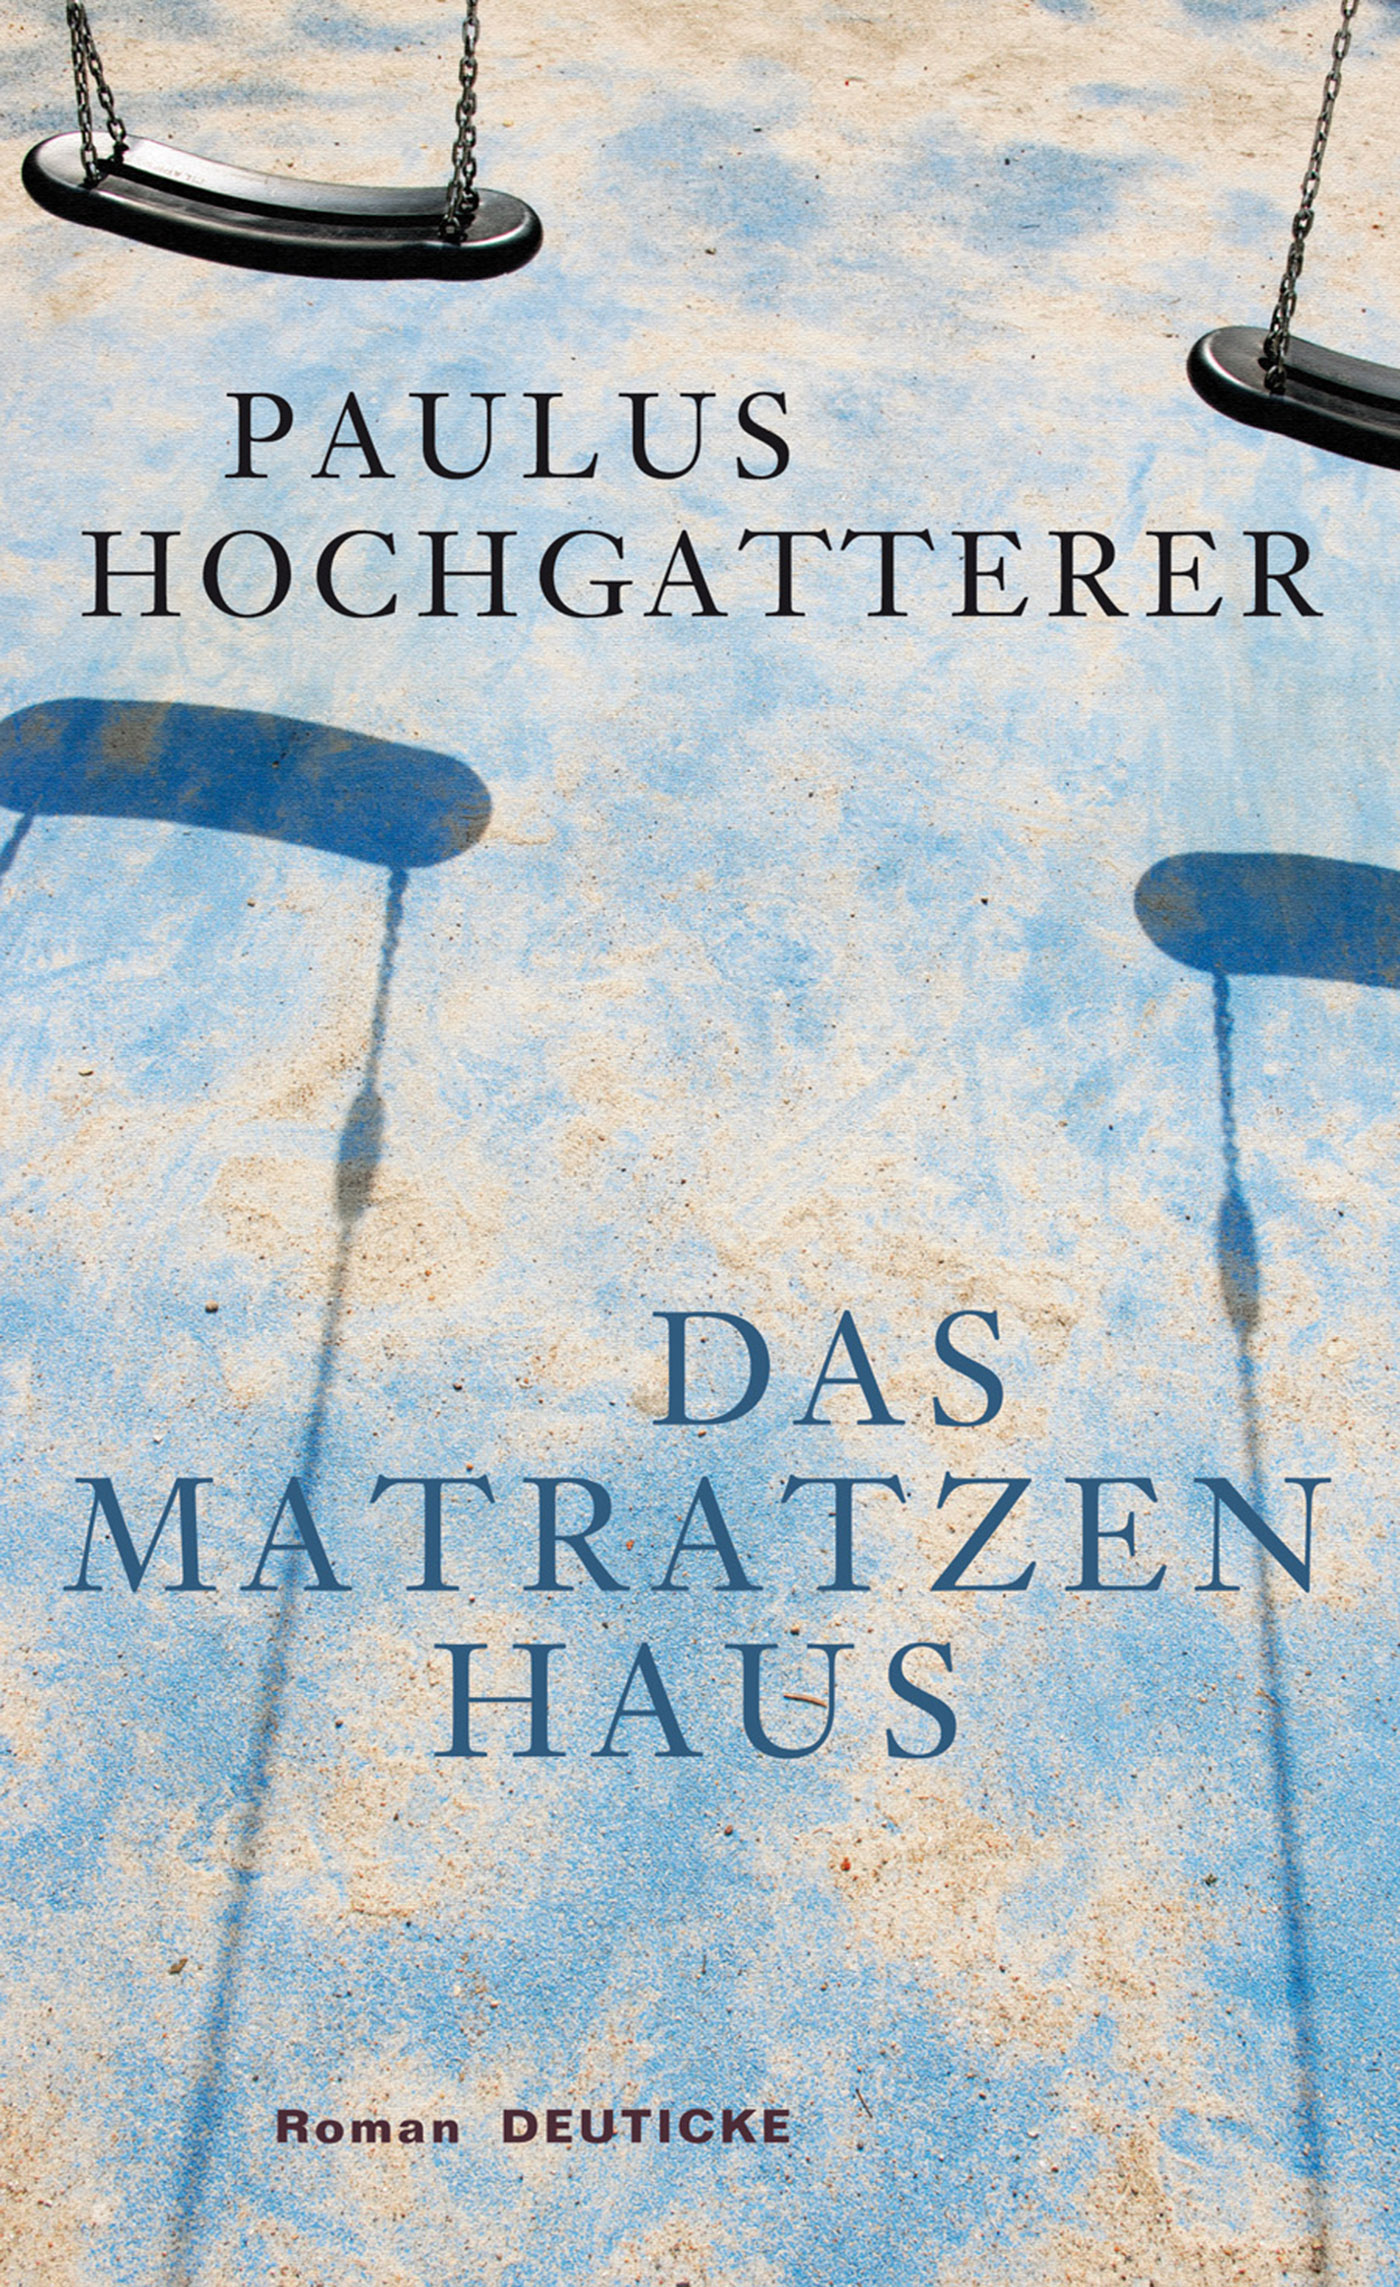 Das Matratzenhaus - Paulus Hochgatterer